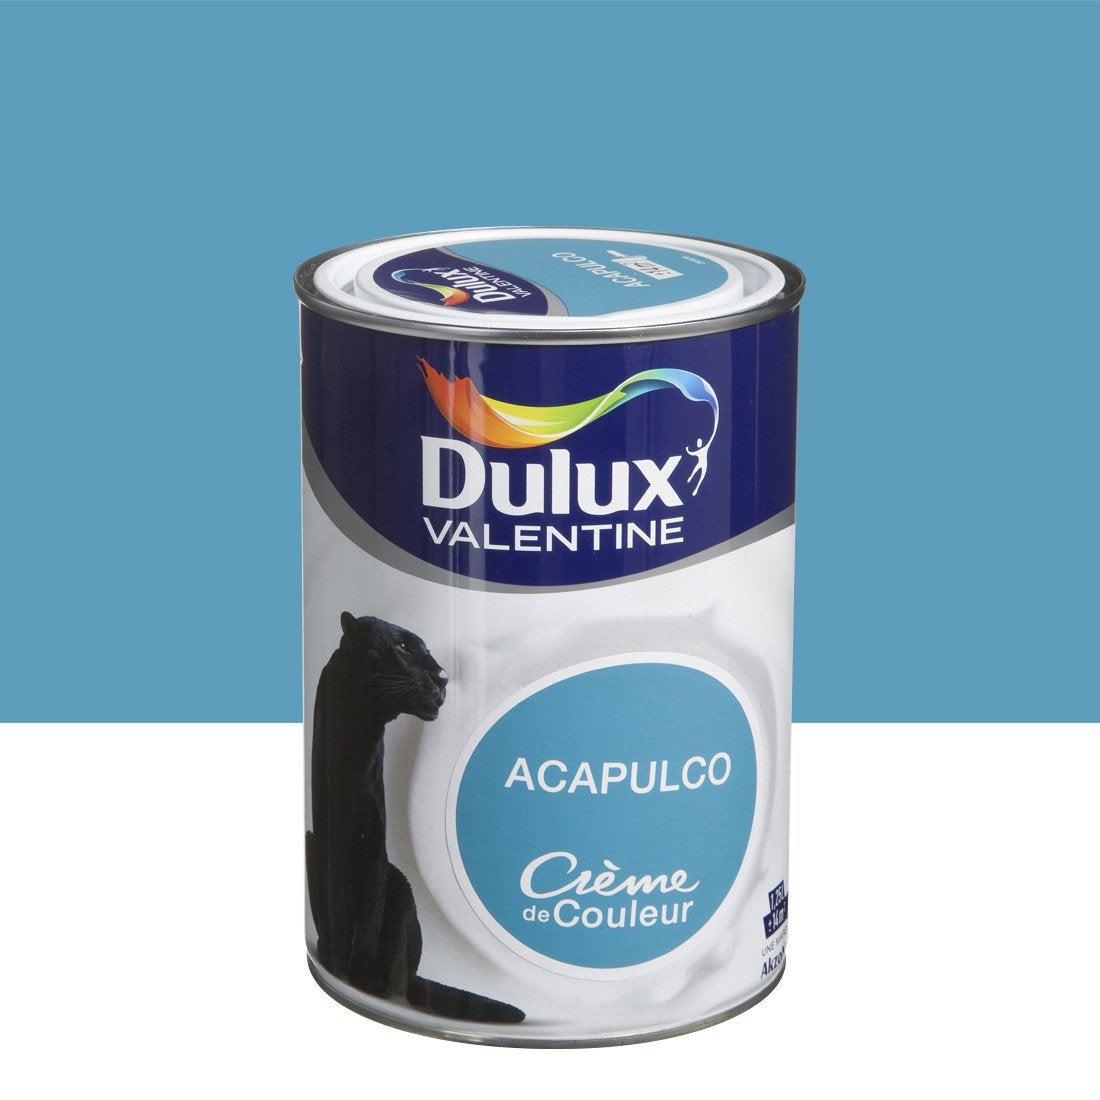 Peinture bleu acapulco dulux valentine cr me de couleur 1 - Peinture bleu petrole leroy merlin ...